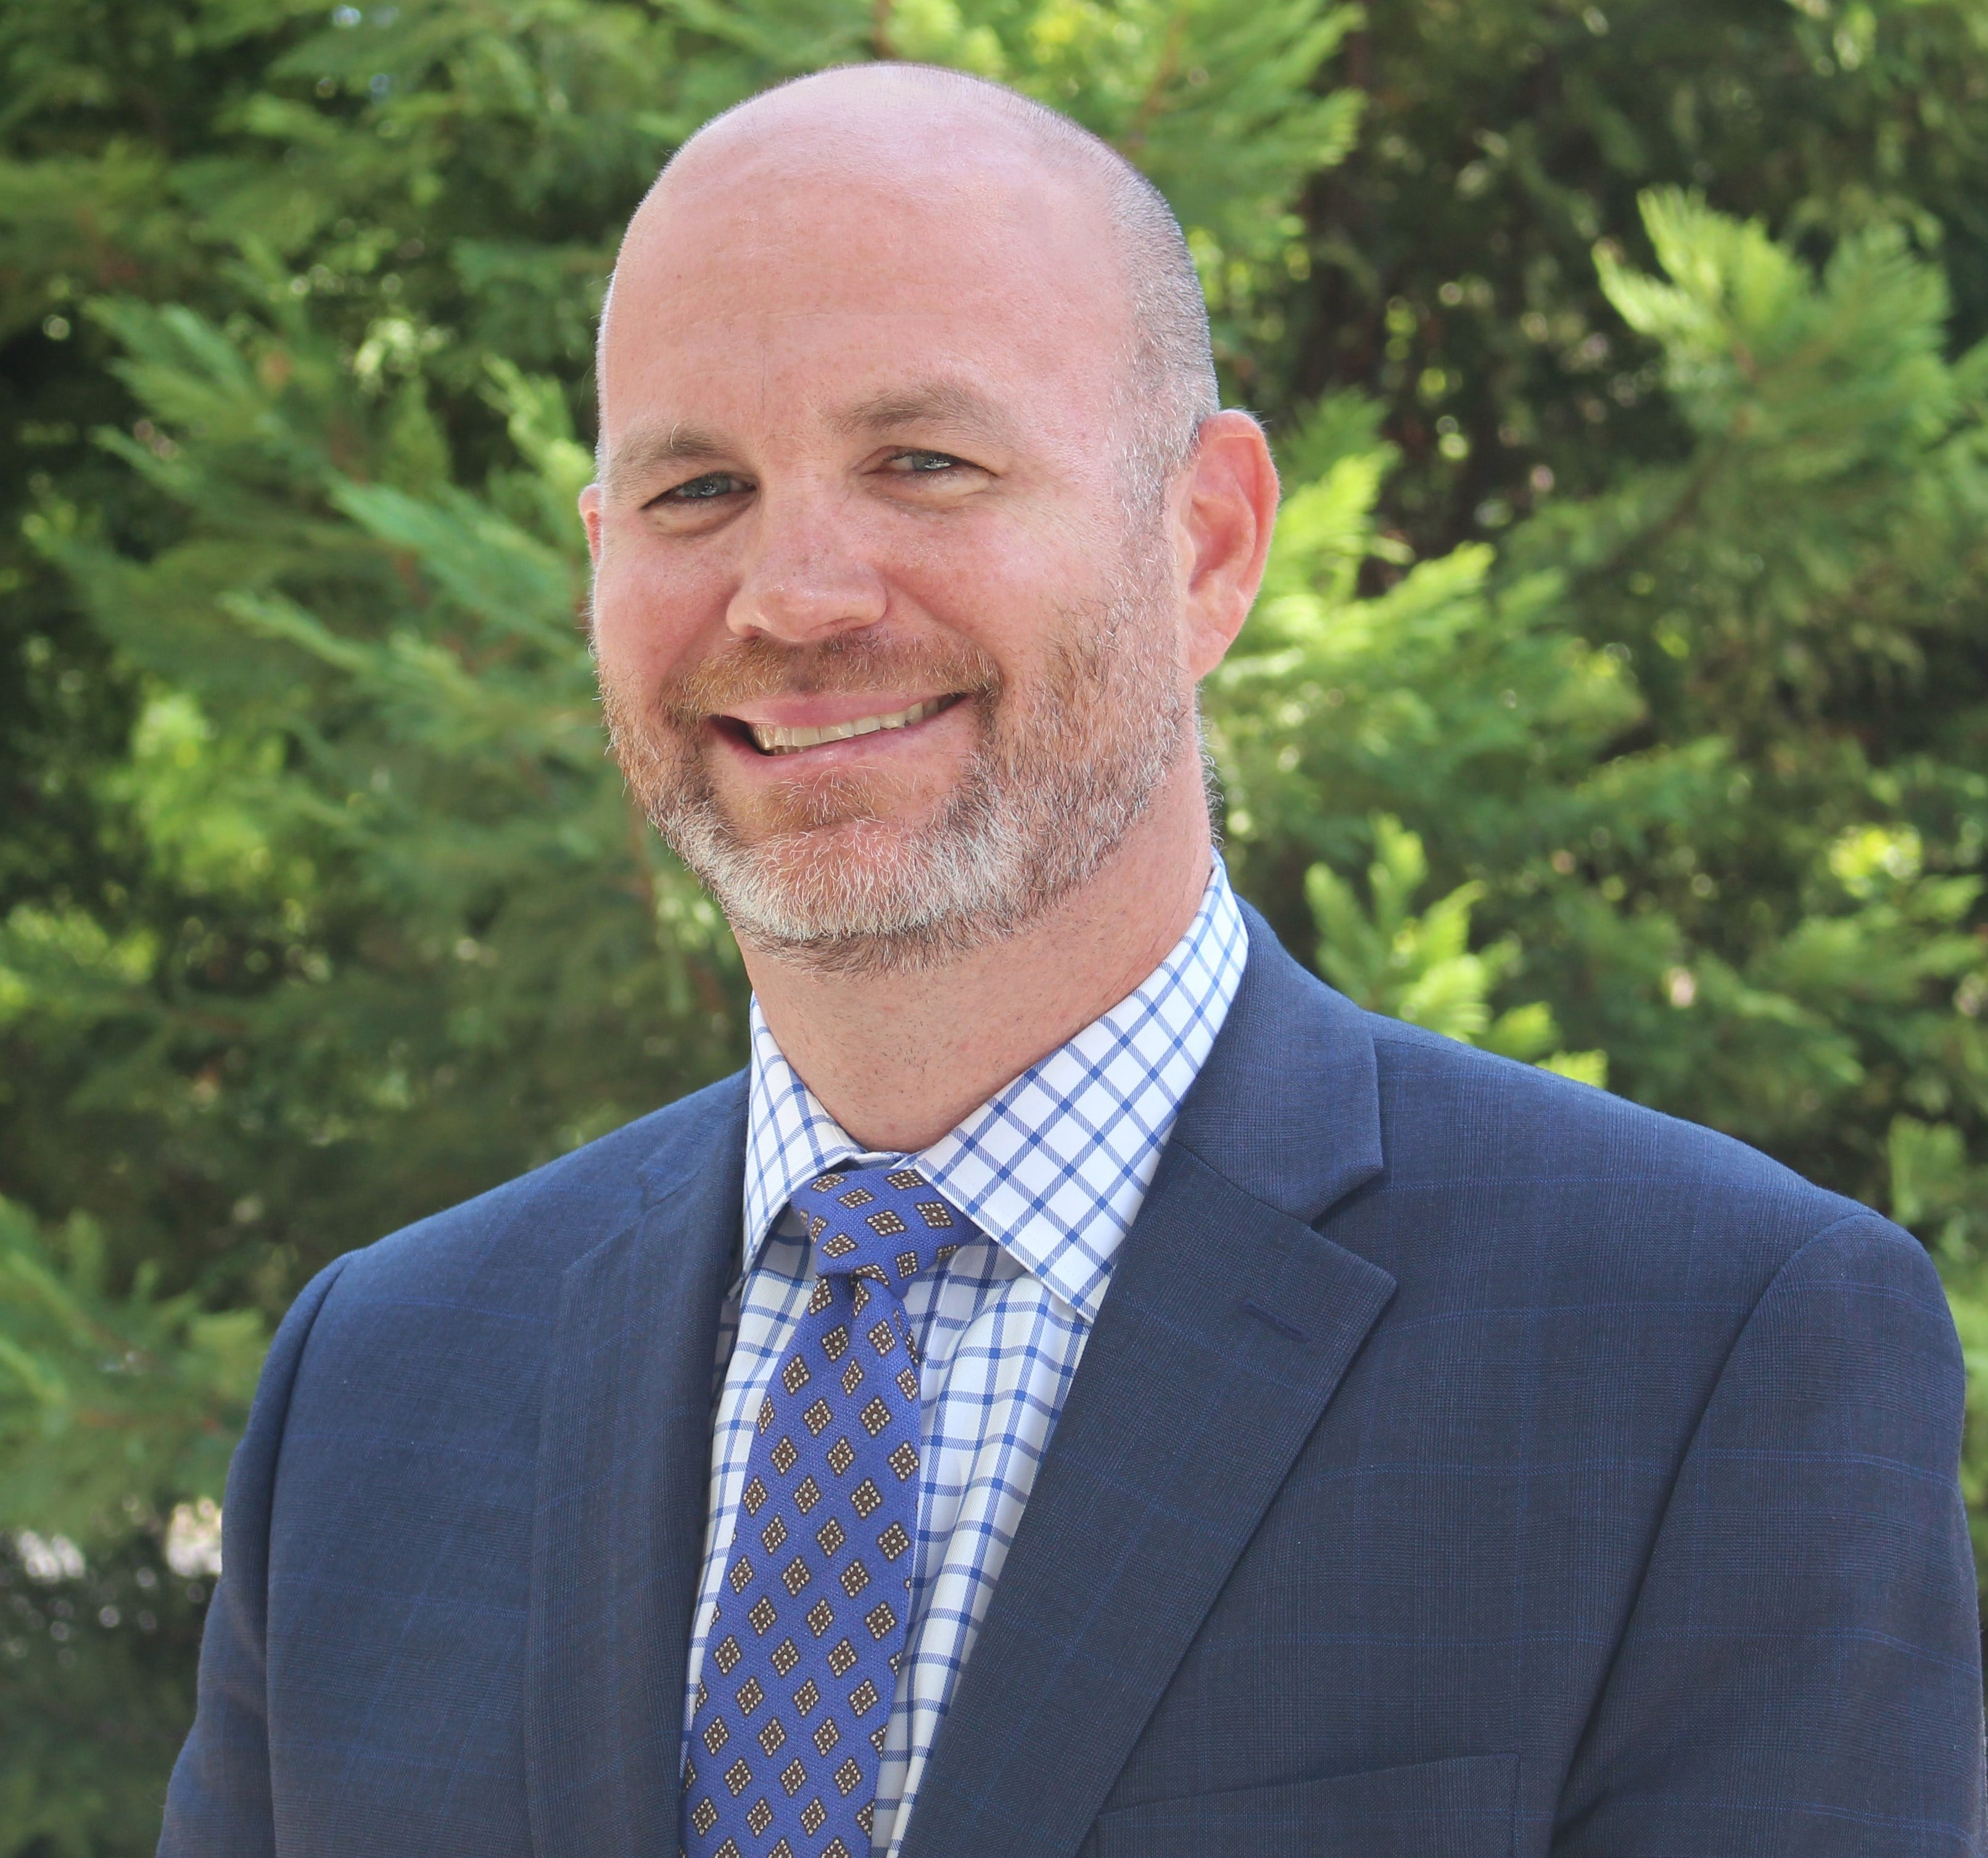 David Ritter, CVA, MBA